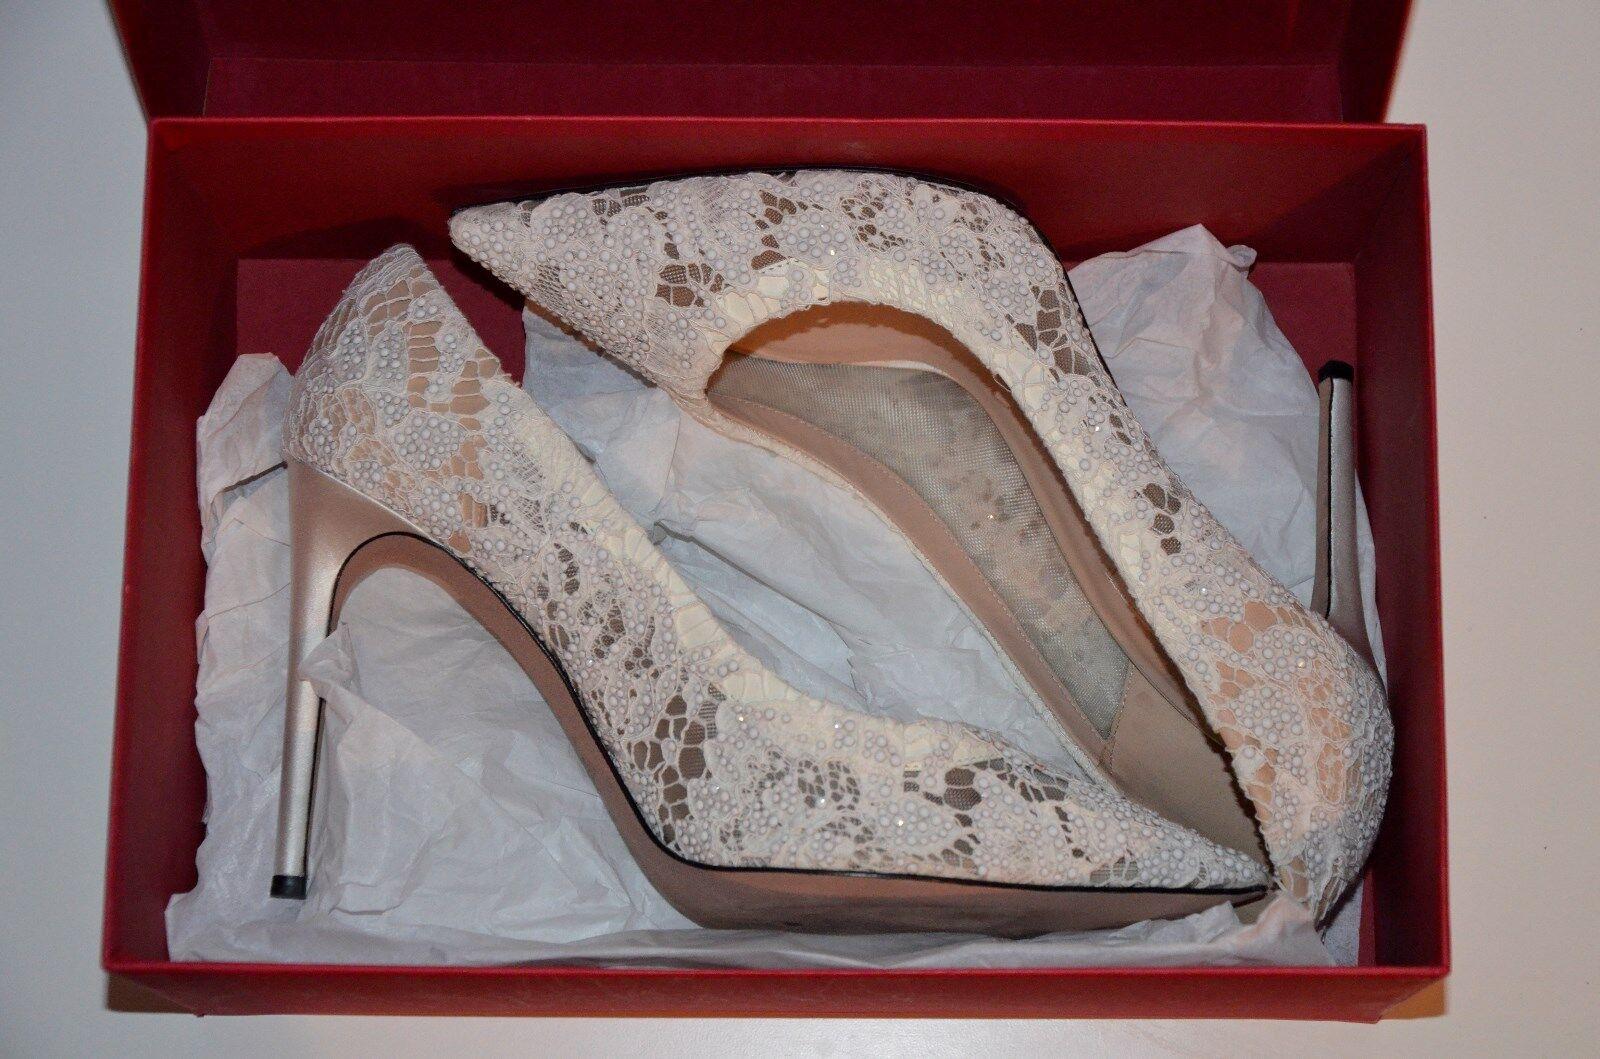 Valentino Garavani 35,5 36 Scarpe Da Sposa Pizzo Lace nude white bridal Pumps